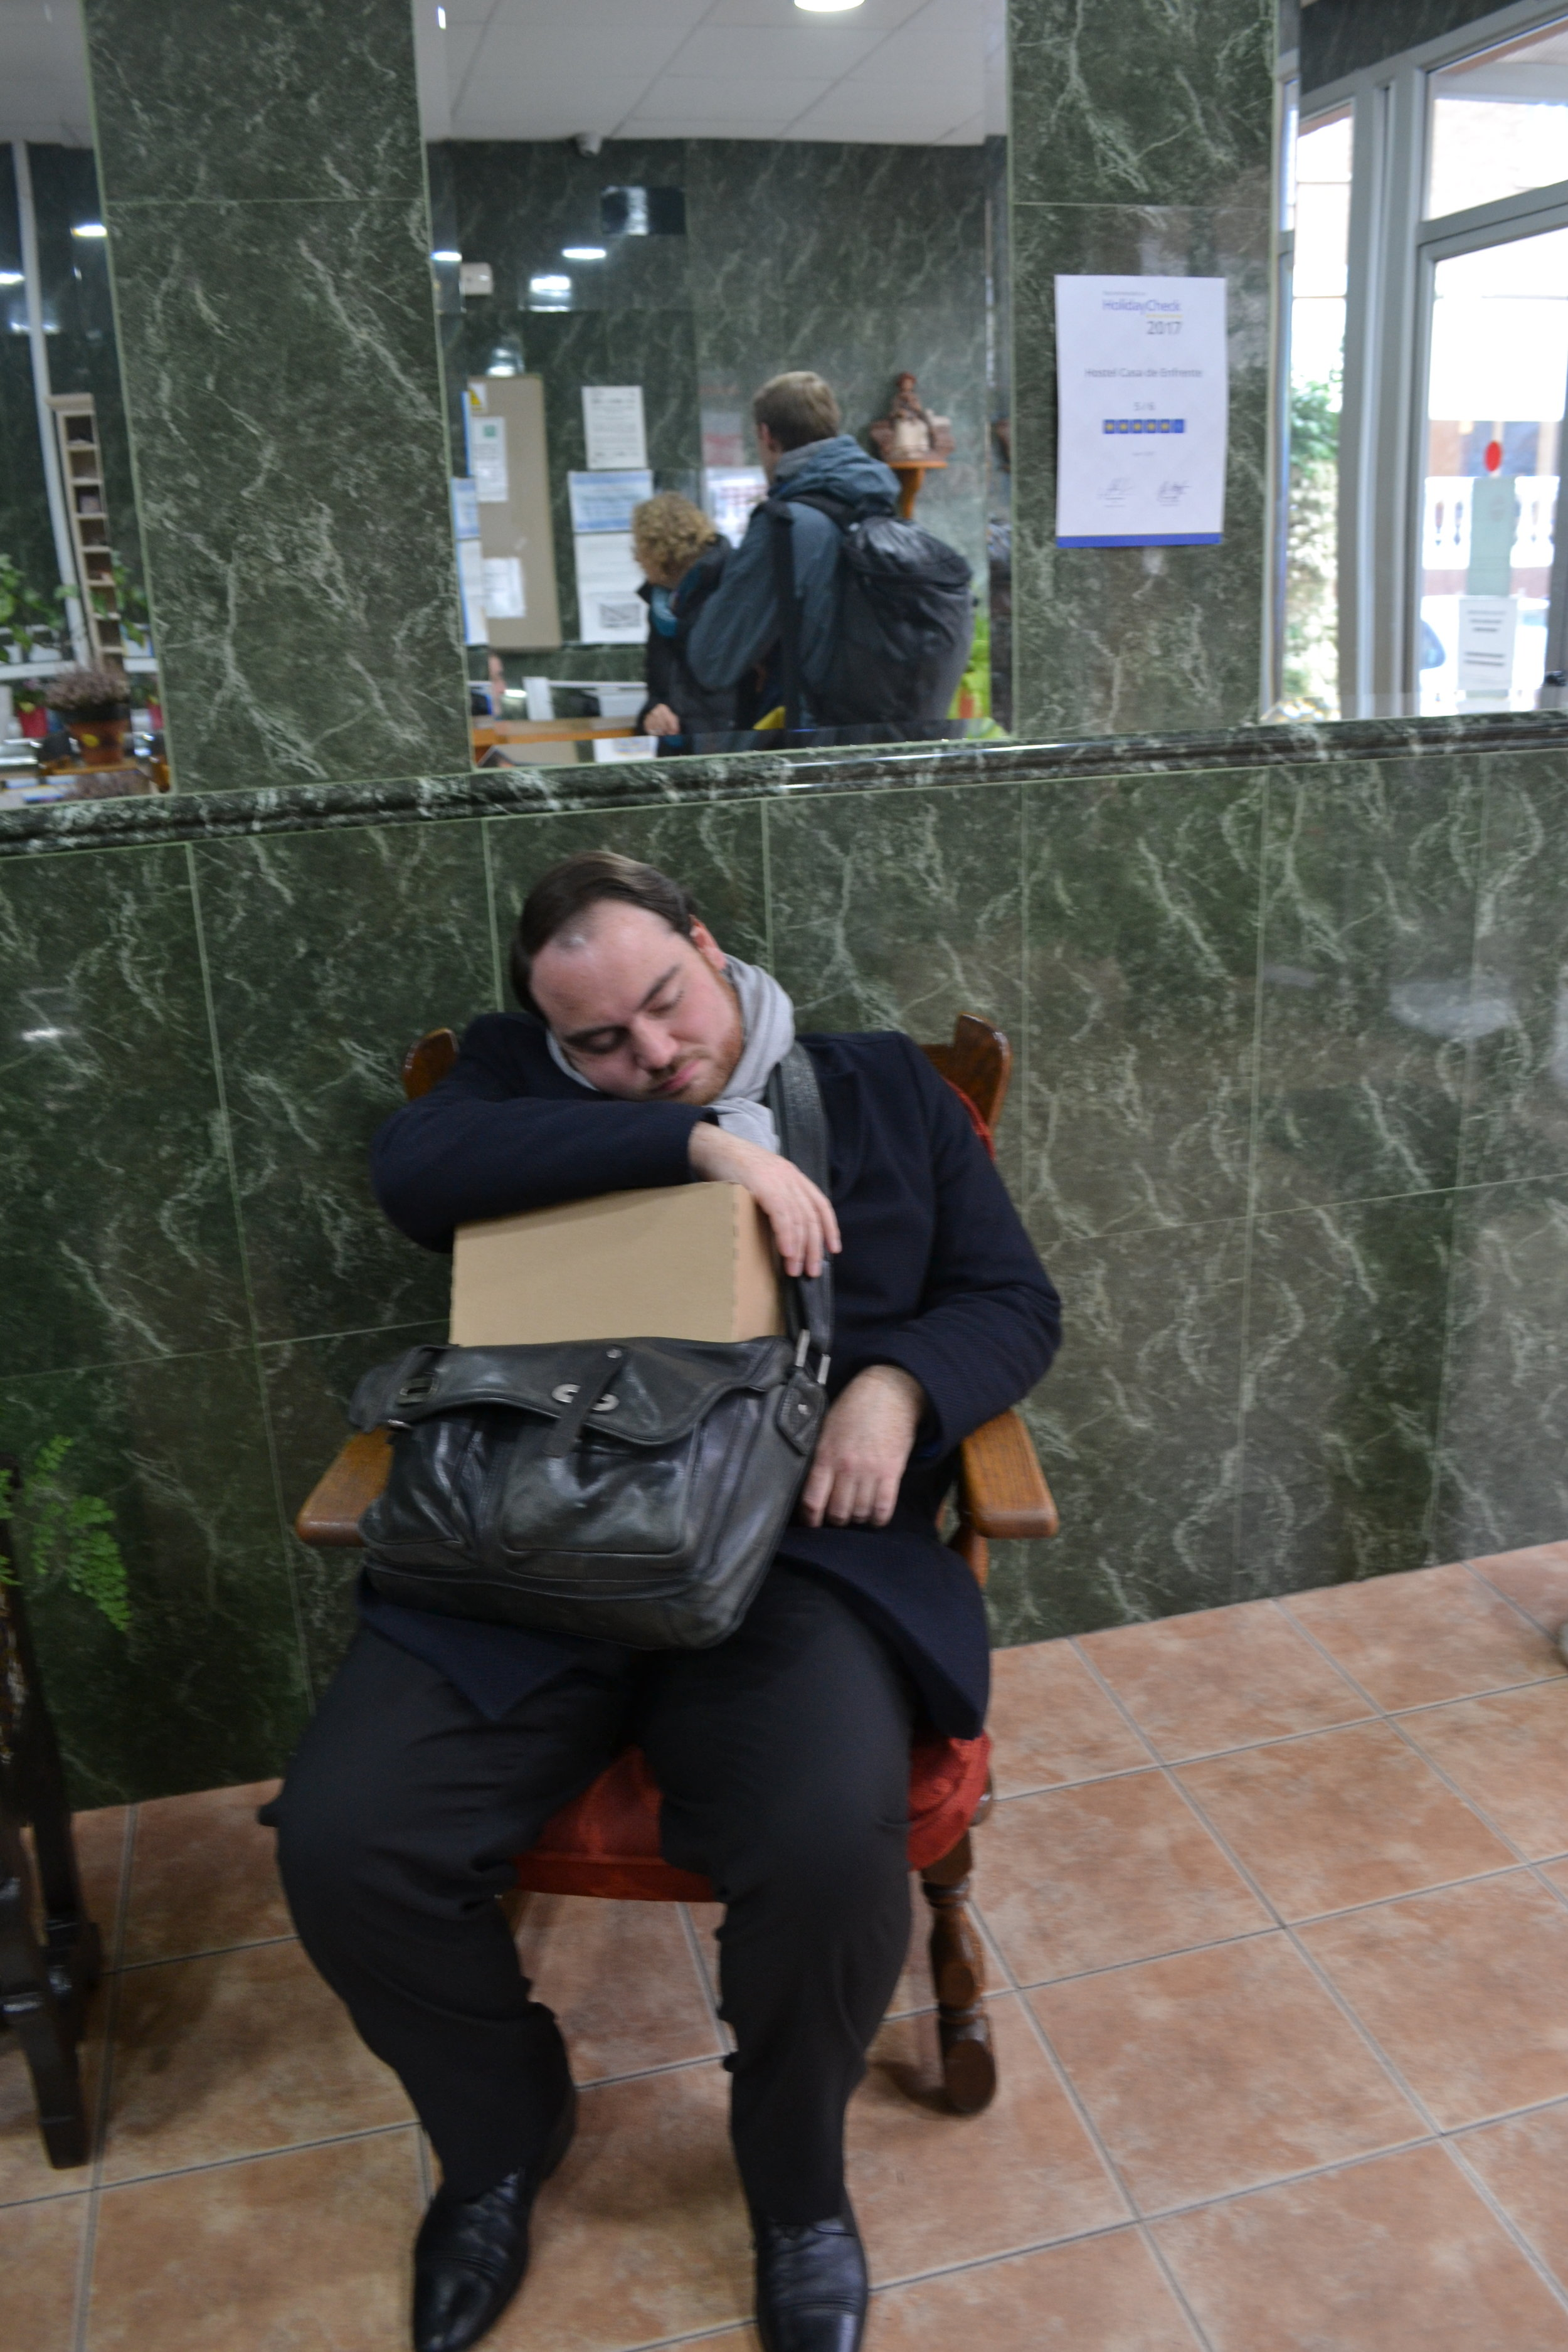 Reisemüdigkeit macht sich breit   Travel tired